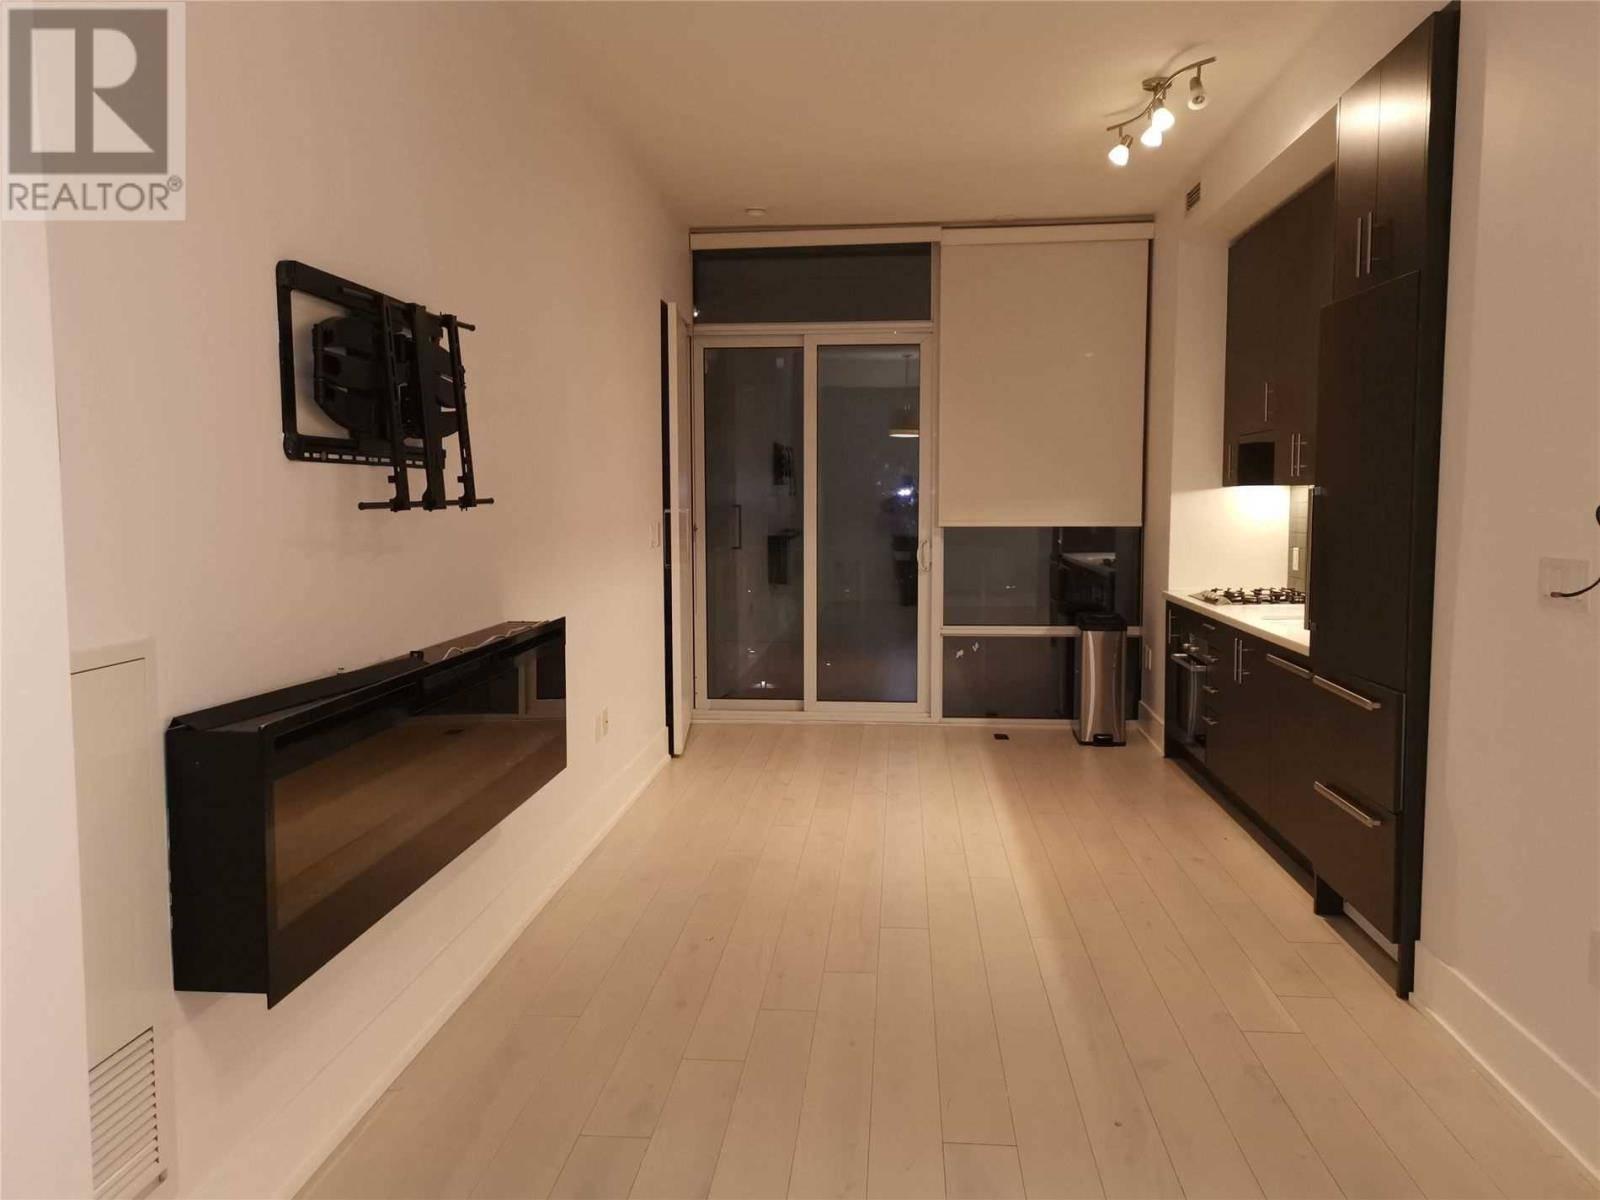 Apartment for rent at 29 Queens Quay East Unit 523 Toronto Ontario - MLS: C4609922